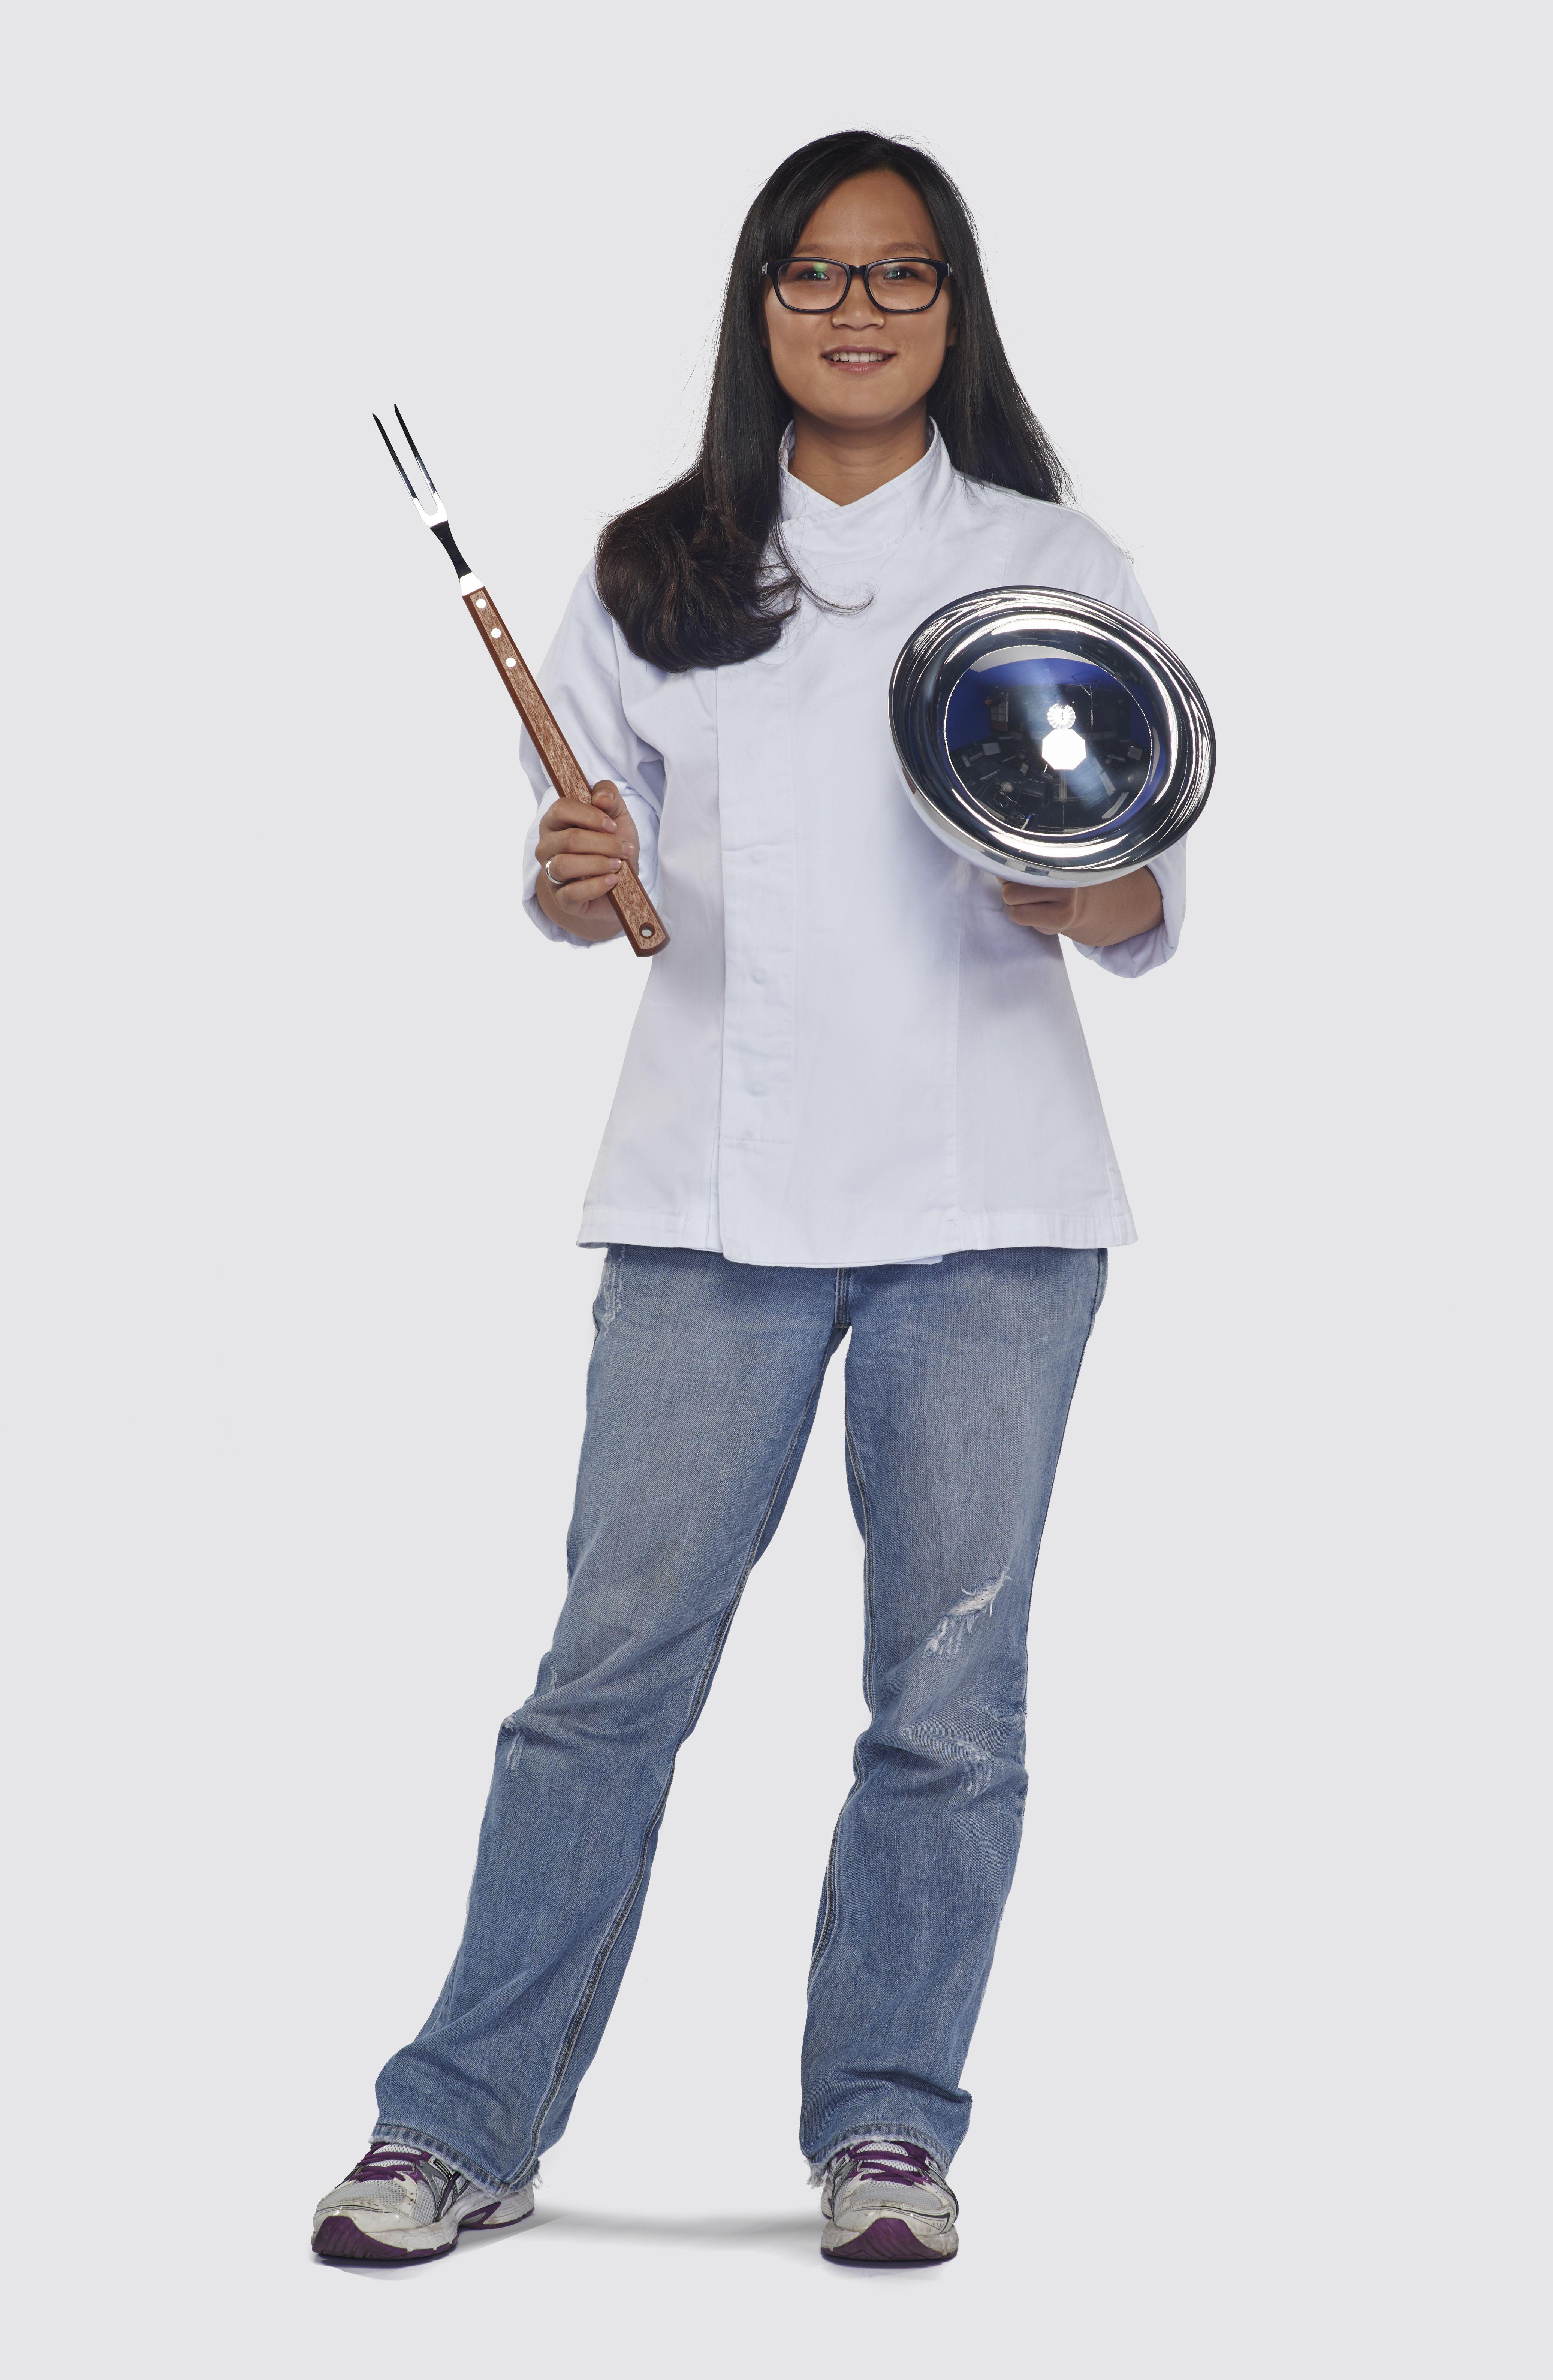 Jiang Pu participa do programa Cozinha do Bork / Divulgação